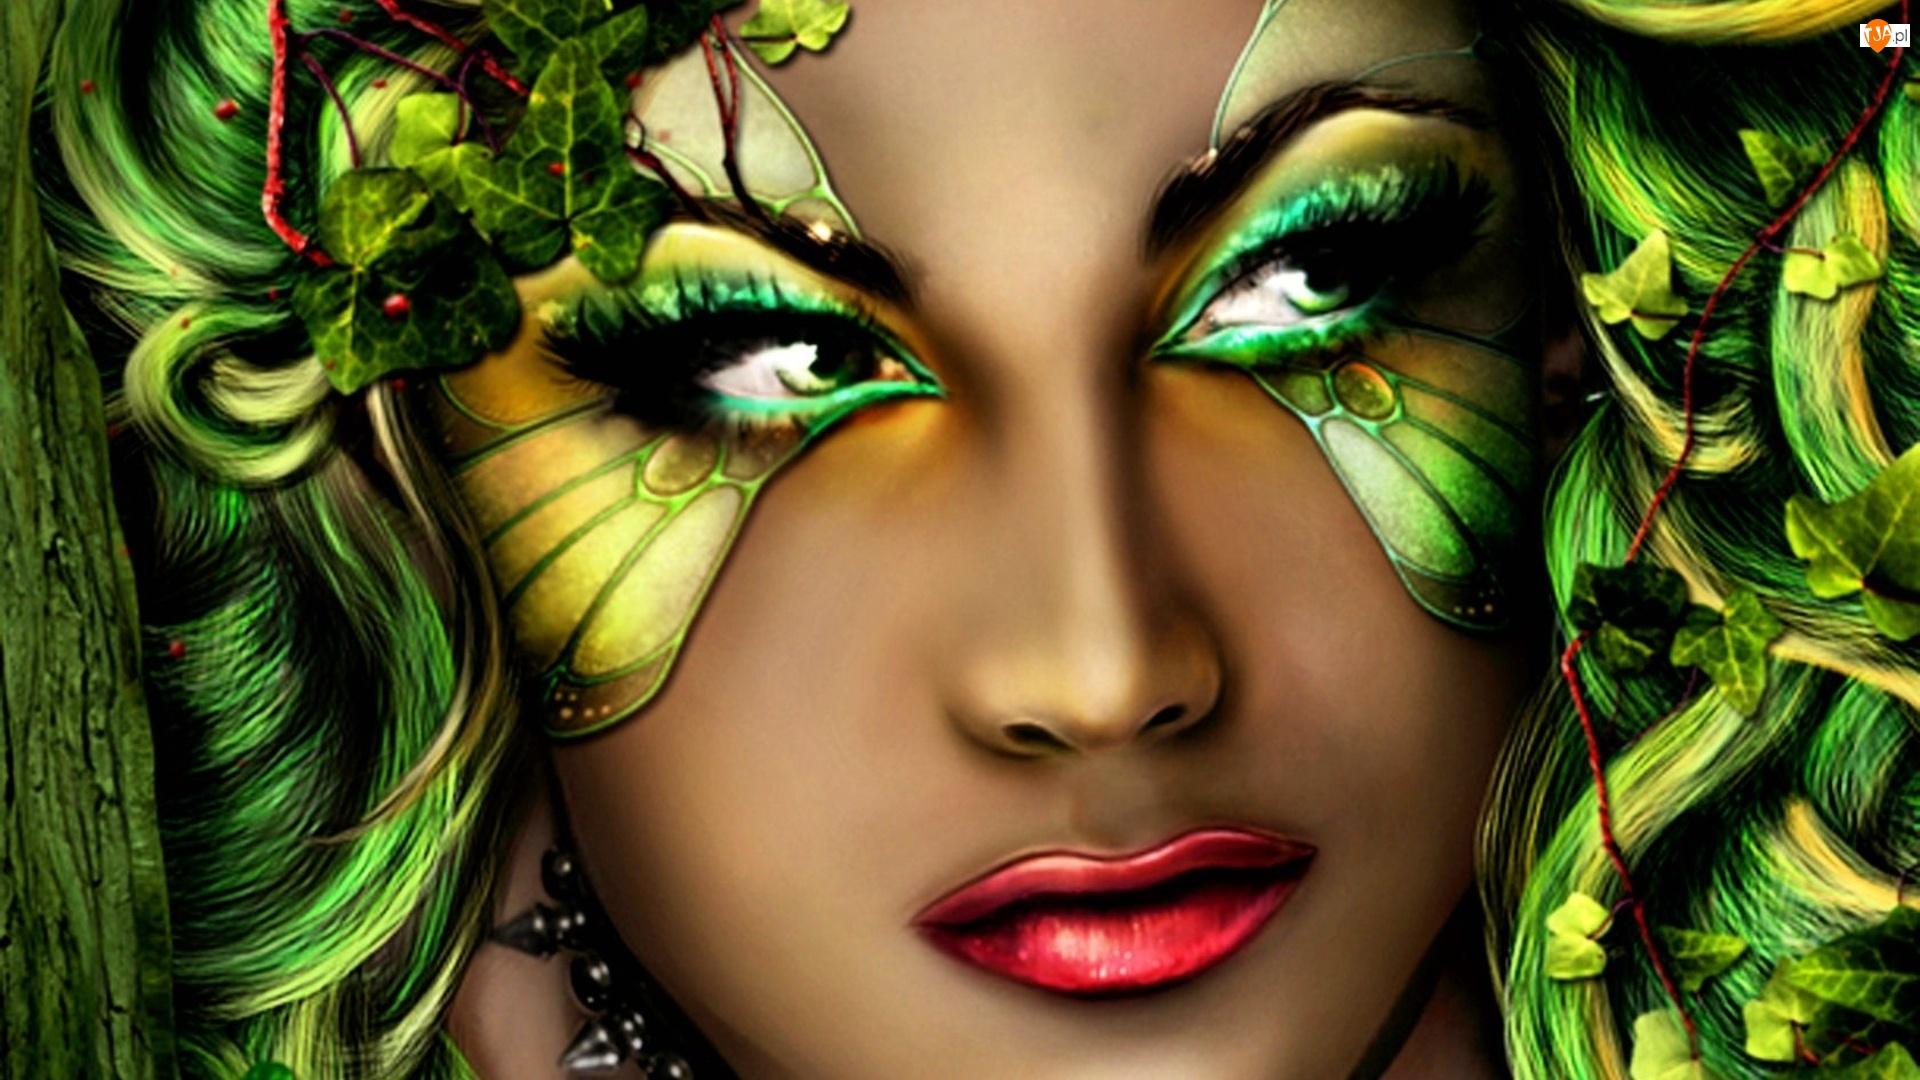 Maska, Kobieta, Zielona